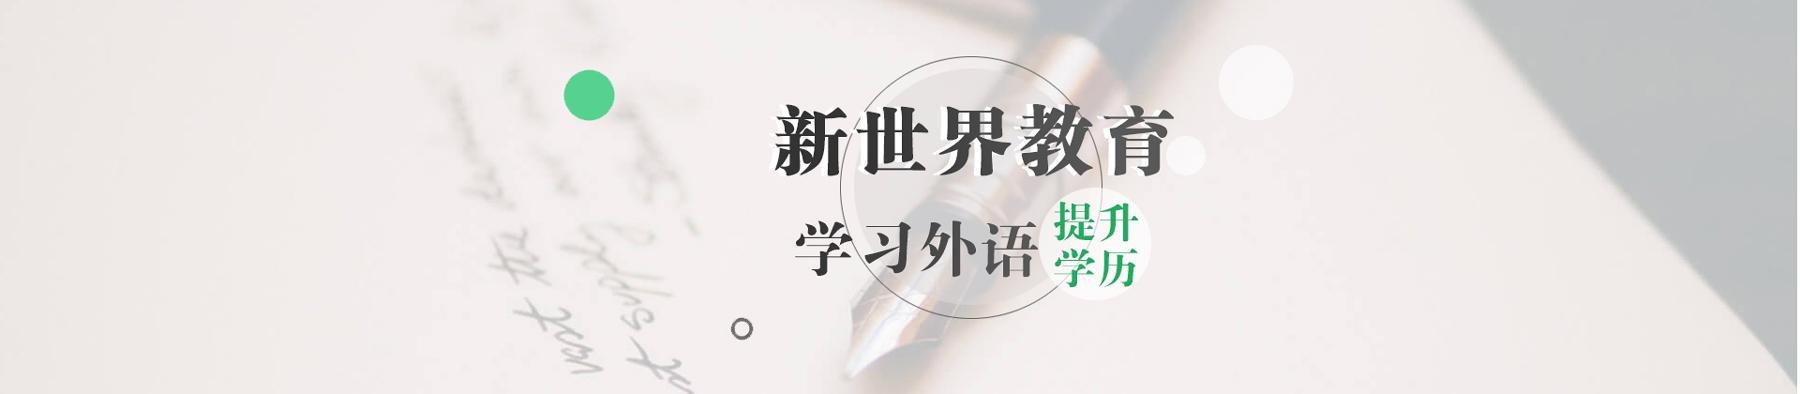 北京西班牙语培训